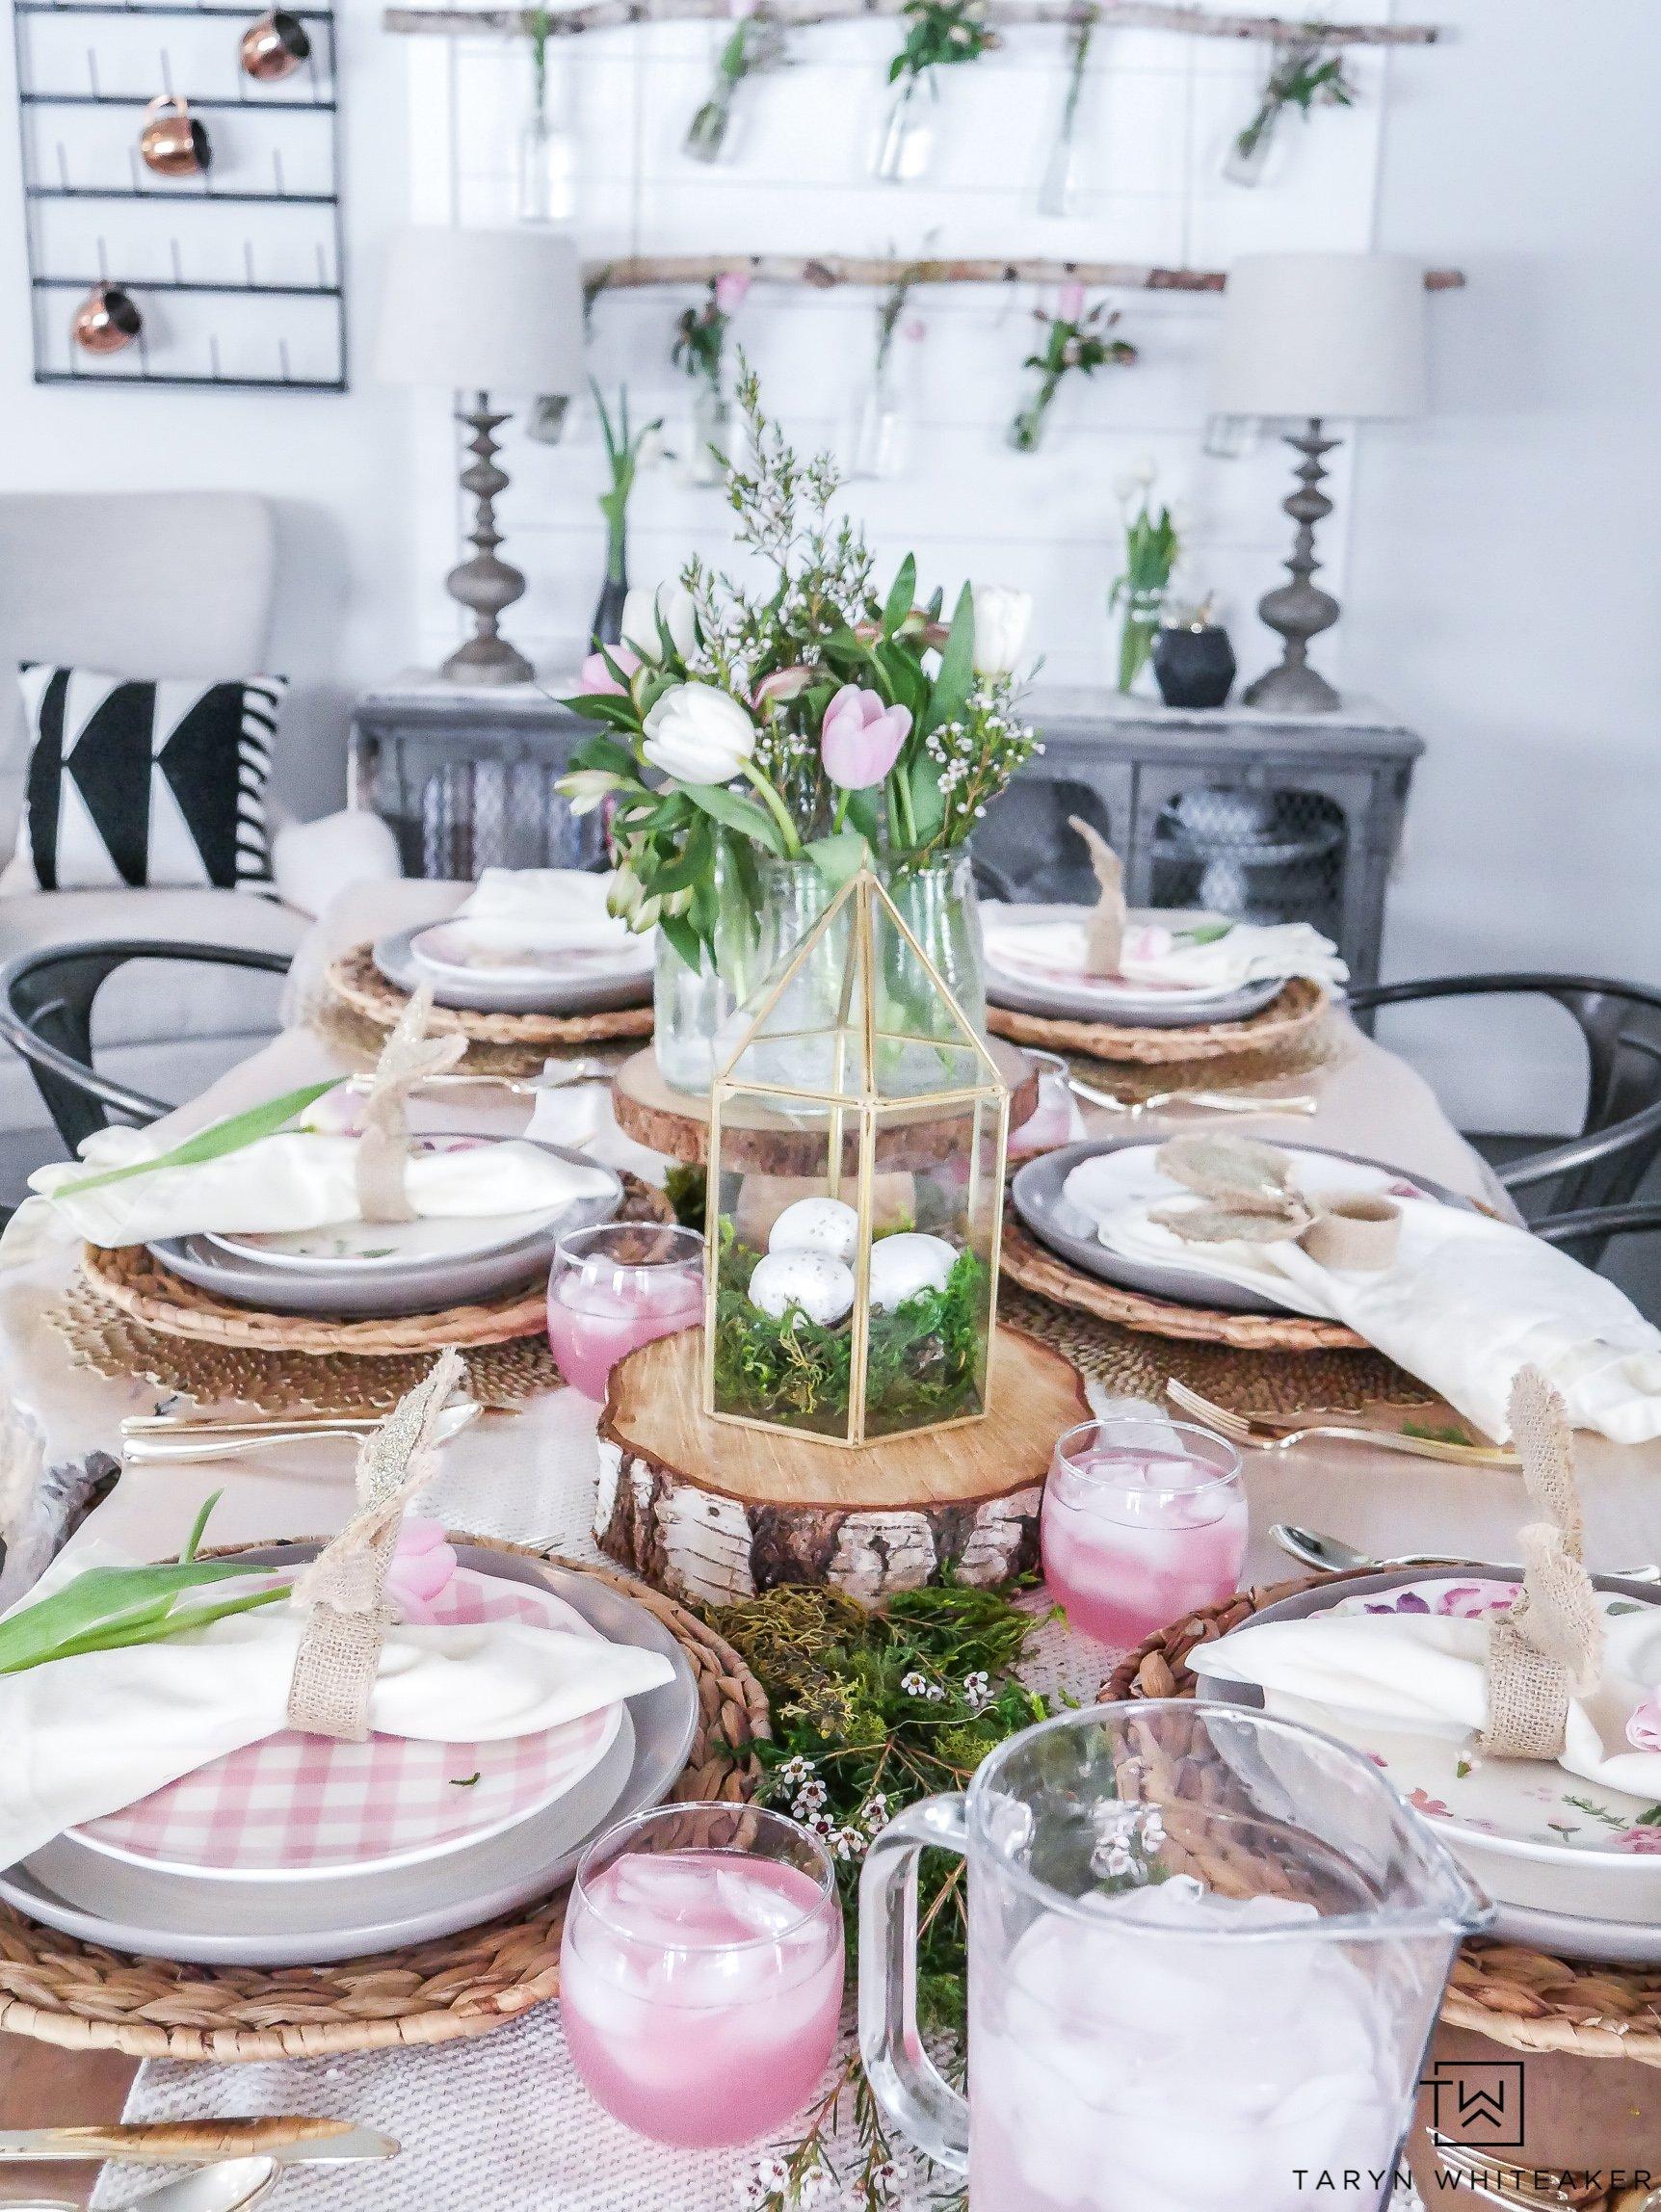 Ostertischdeko mit Holz, Stoffservietten, Serviettenringe und Blumen gestalten